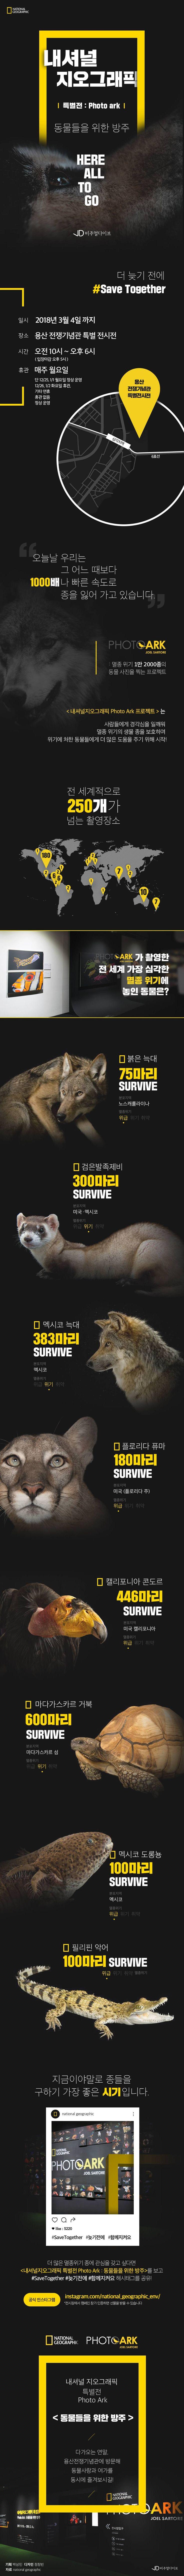 내셔널지오그래픽 포토아크전... 멸종위기 처한 동물들의 기록 [인포그래픽] #culture #Inforgraphic